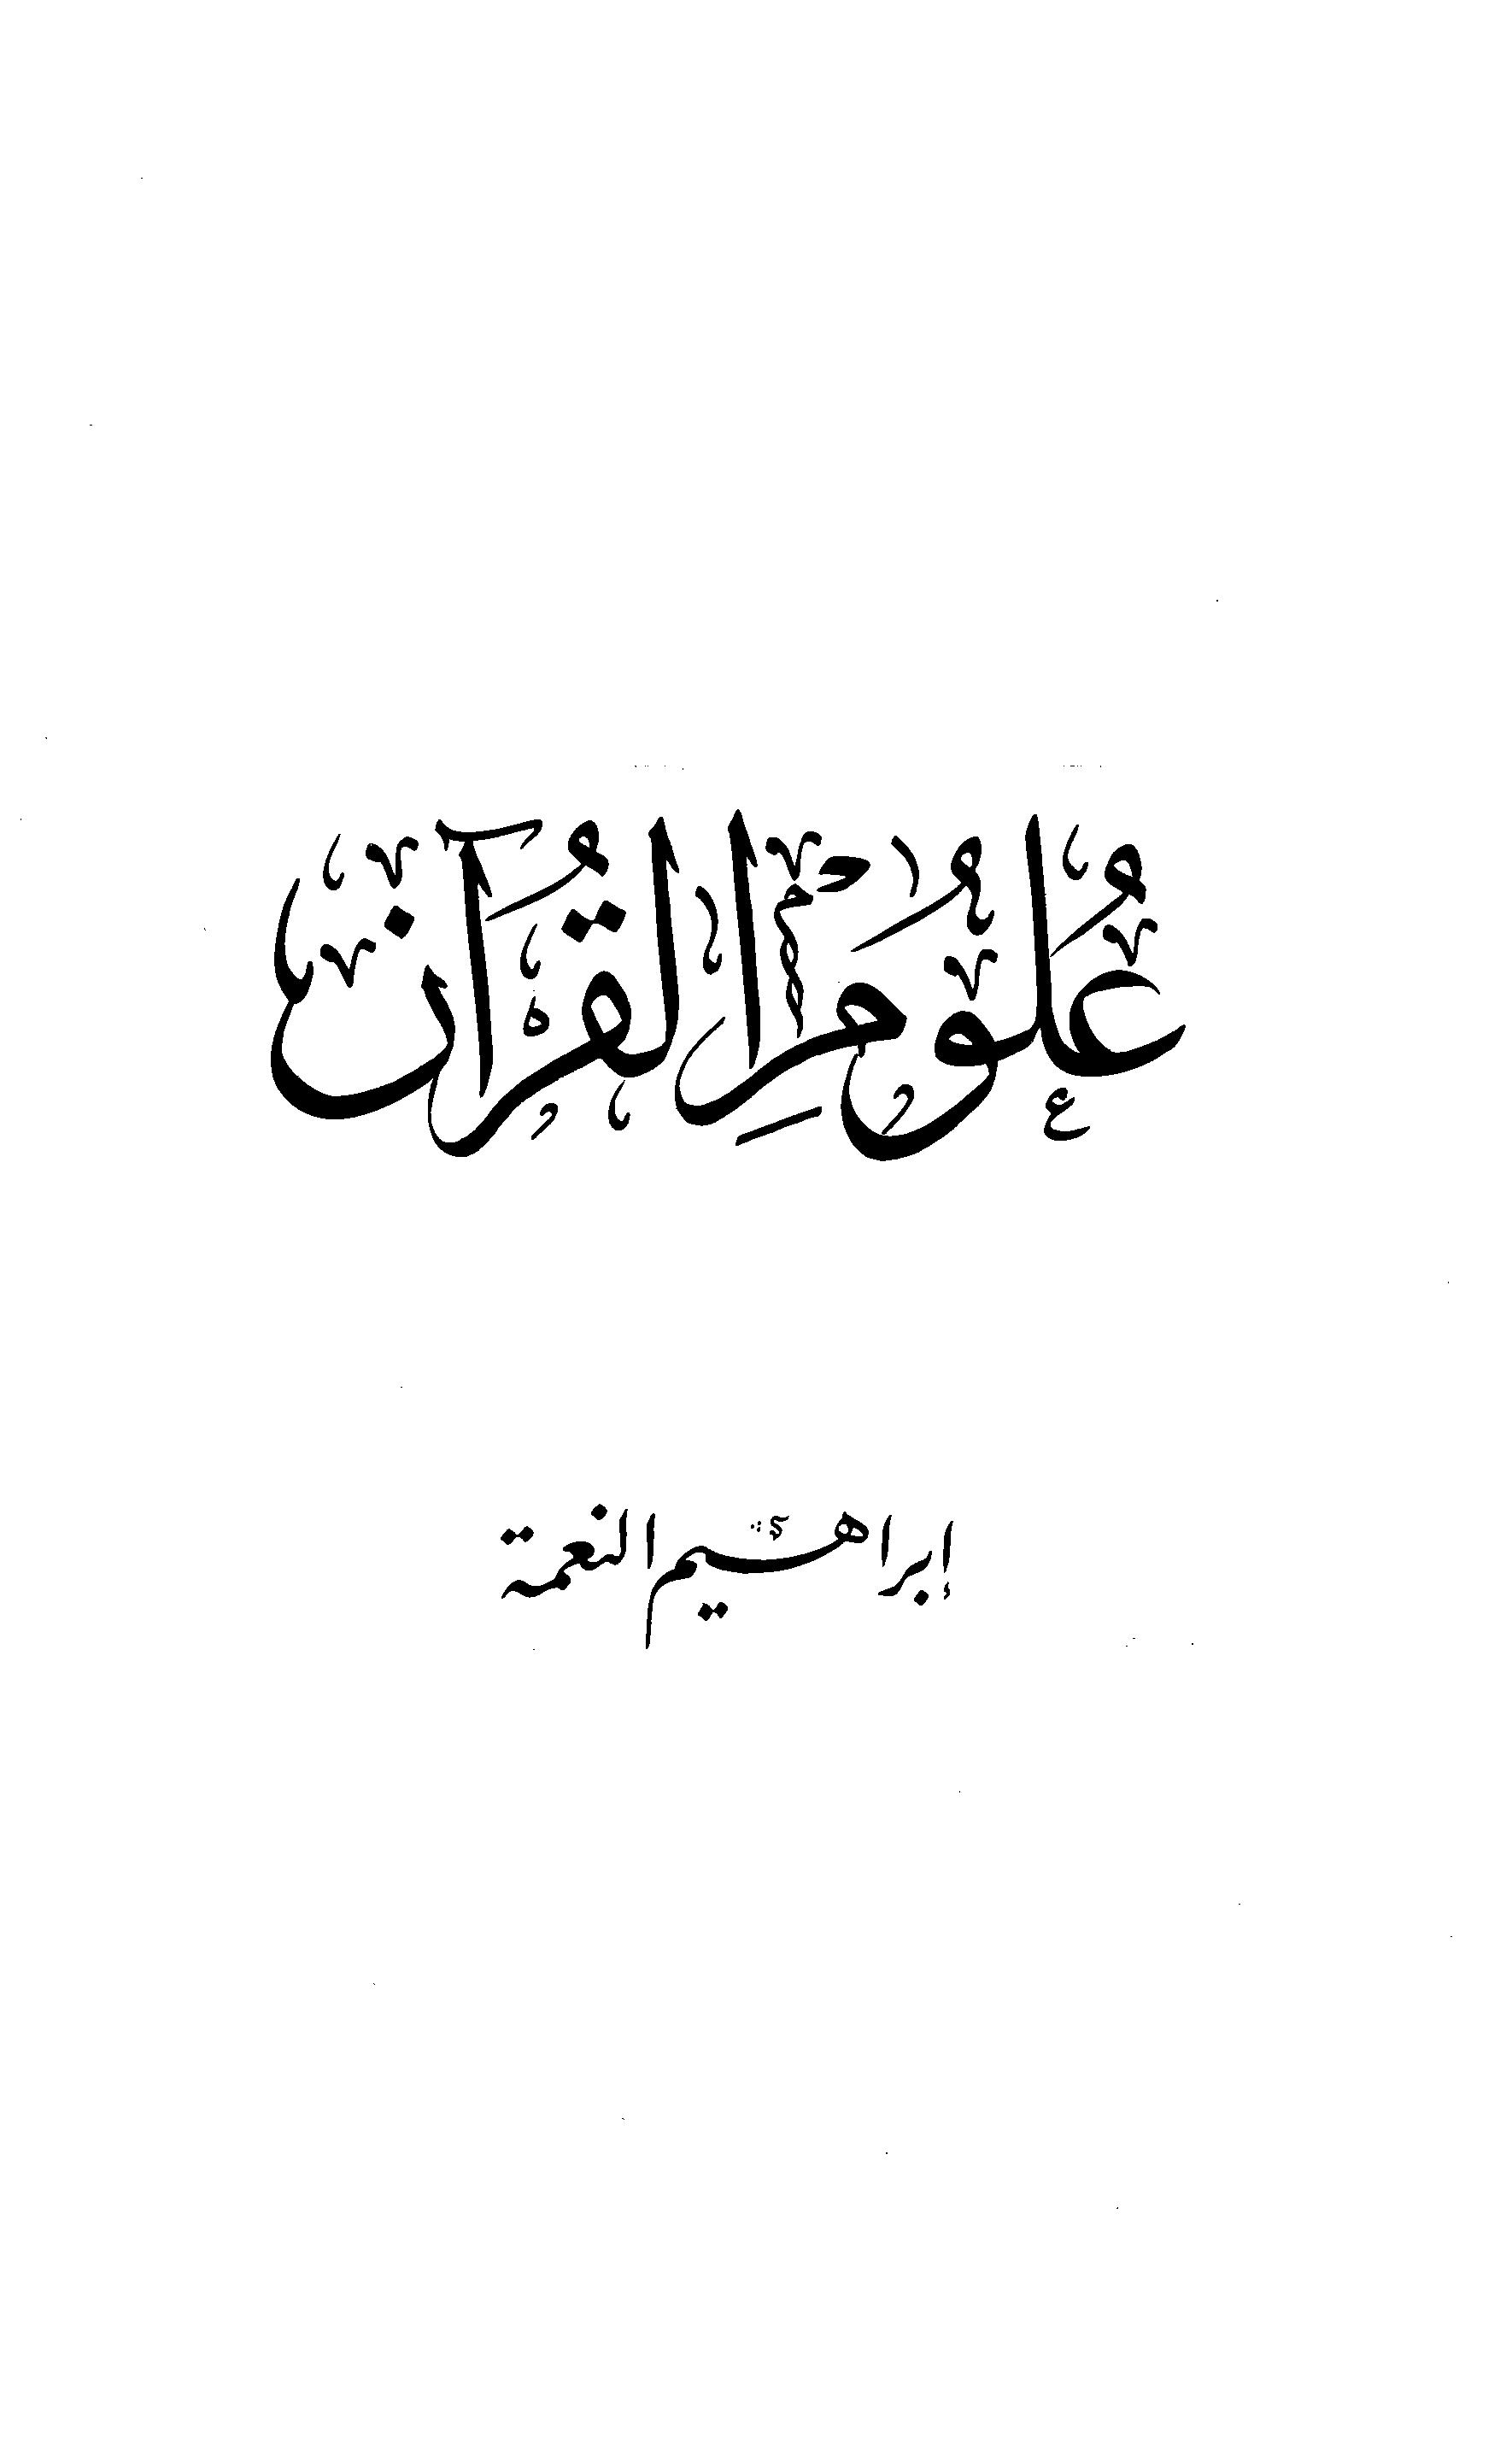 تحميل كتاب علوم القرآن (إبراهيم النعمة) لـِ: الشيخ إبراهيم نعمة الله ذنون النعمة